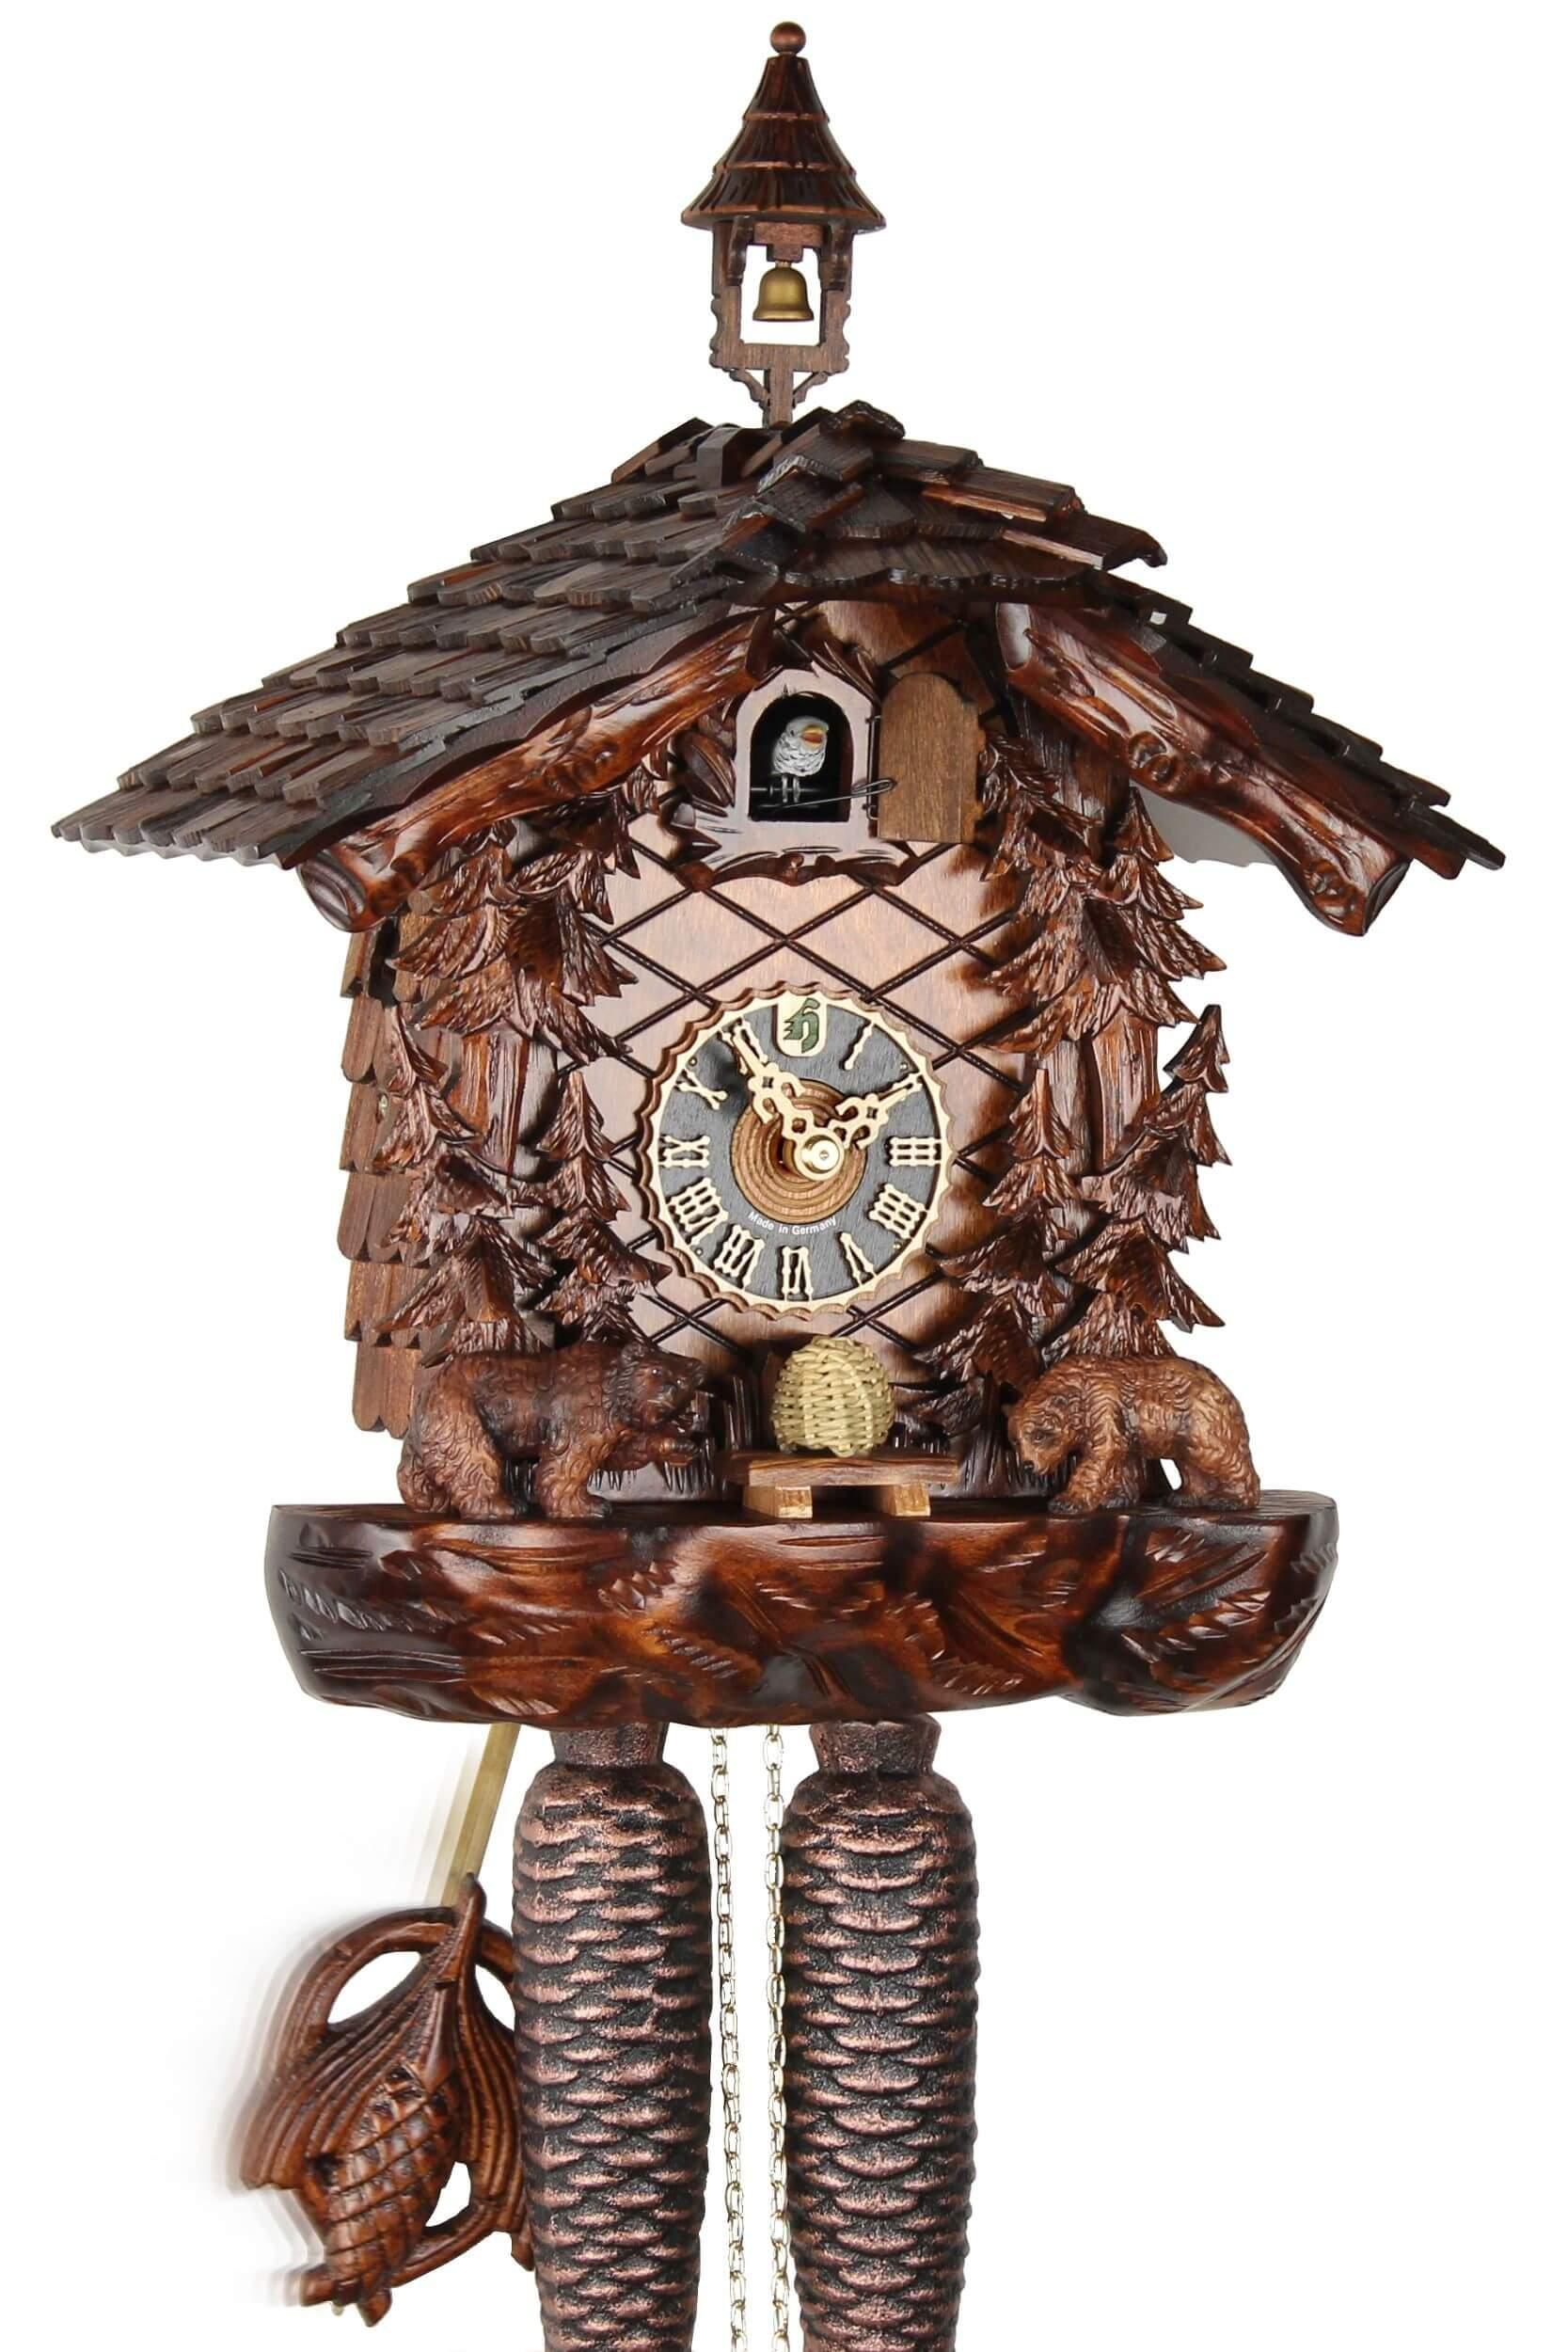 h nes honigb ren 35cm 8709ko kuckucksuhr original schwarzw lder kuckuckuhr ech ebay. Black Bedroom Furniture Sets. Home Design Ideas